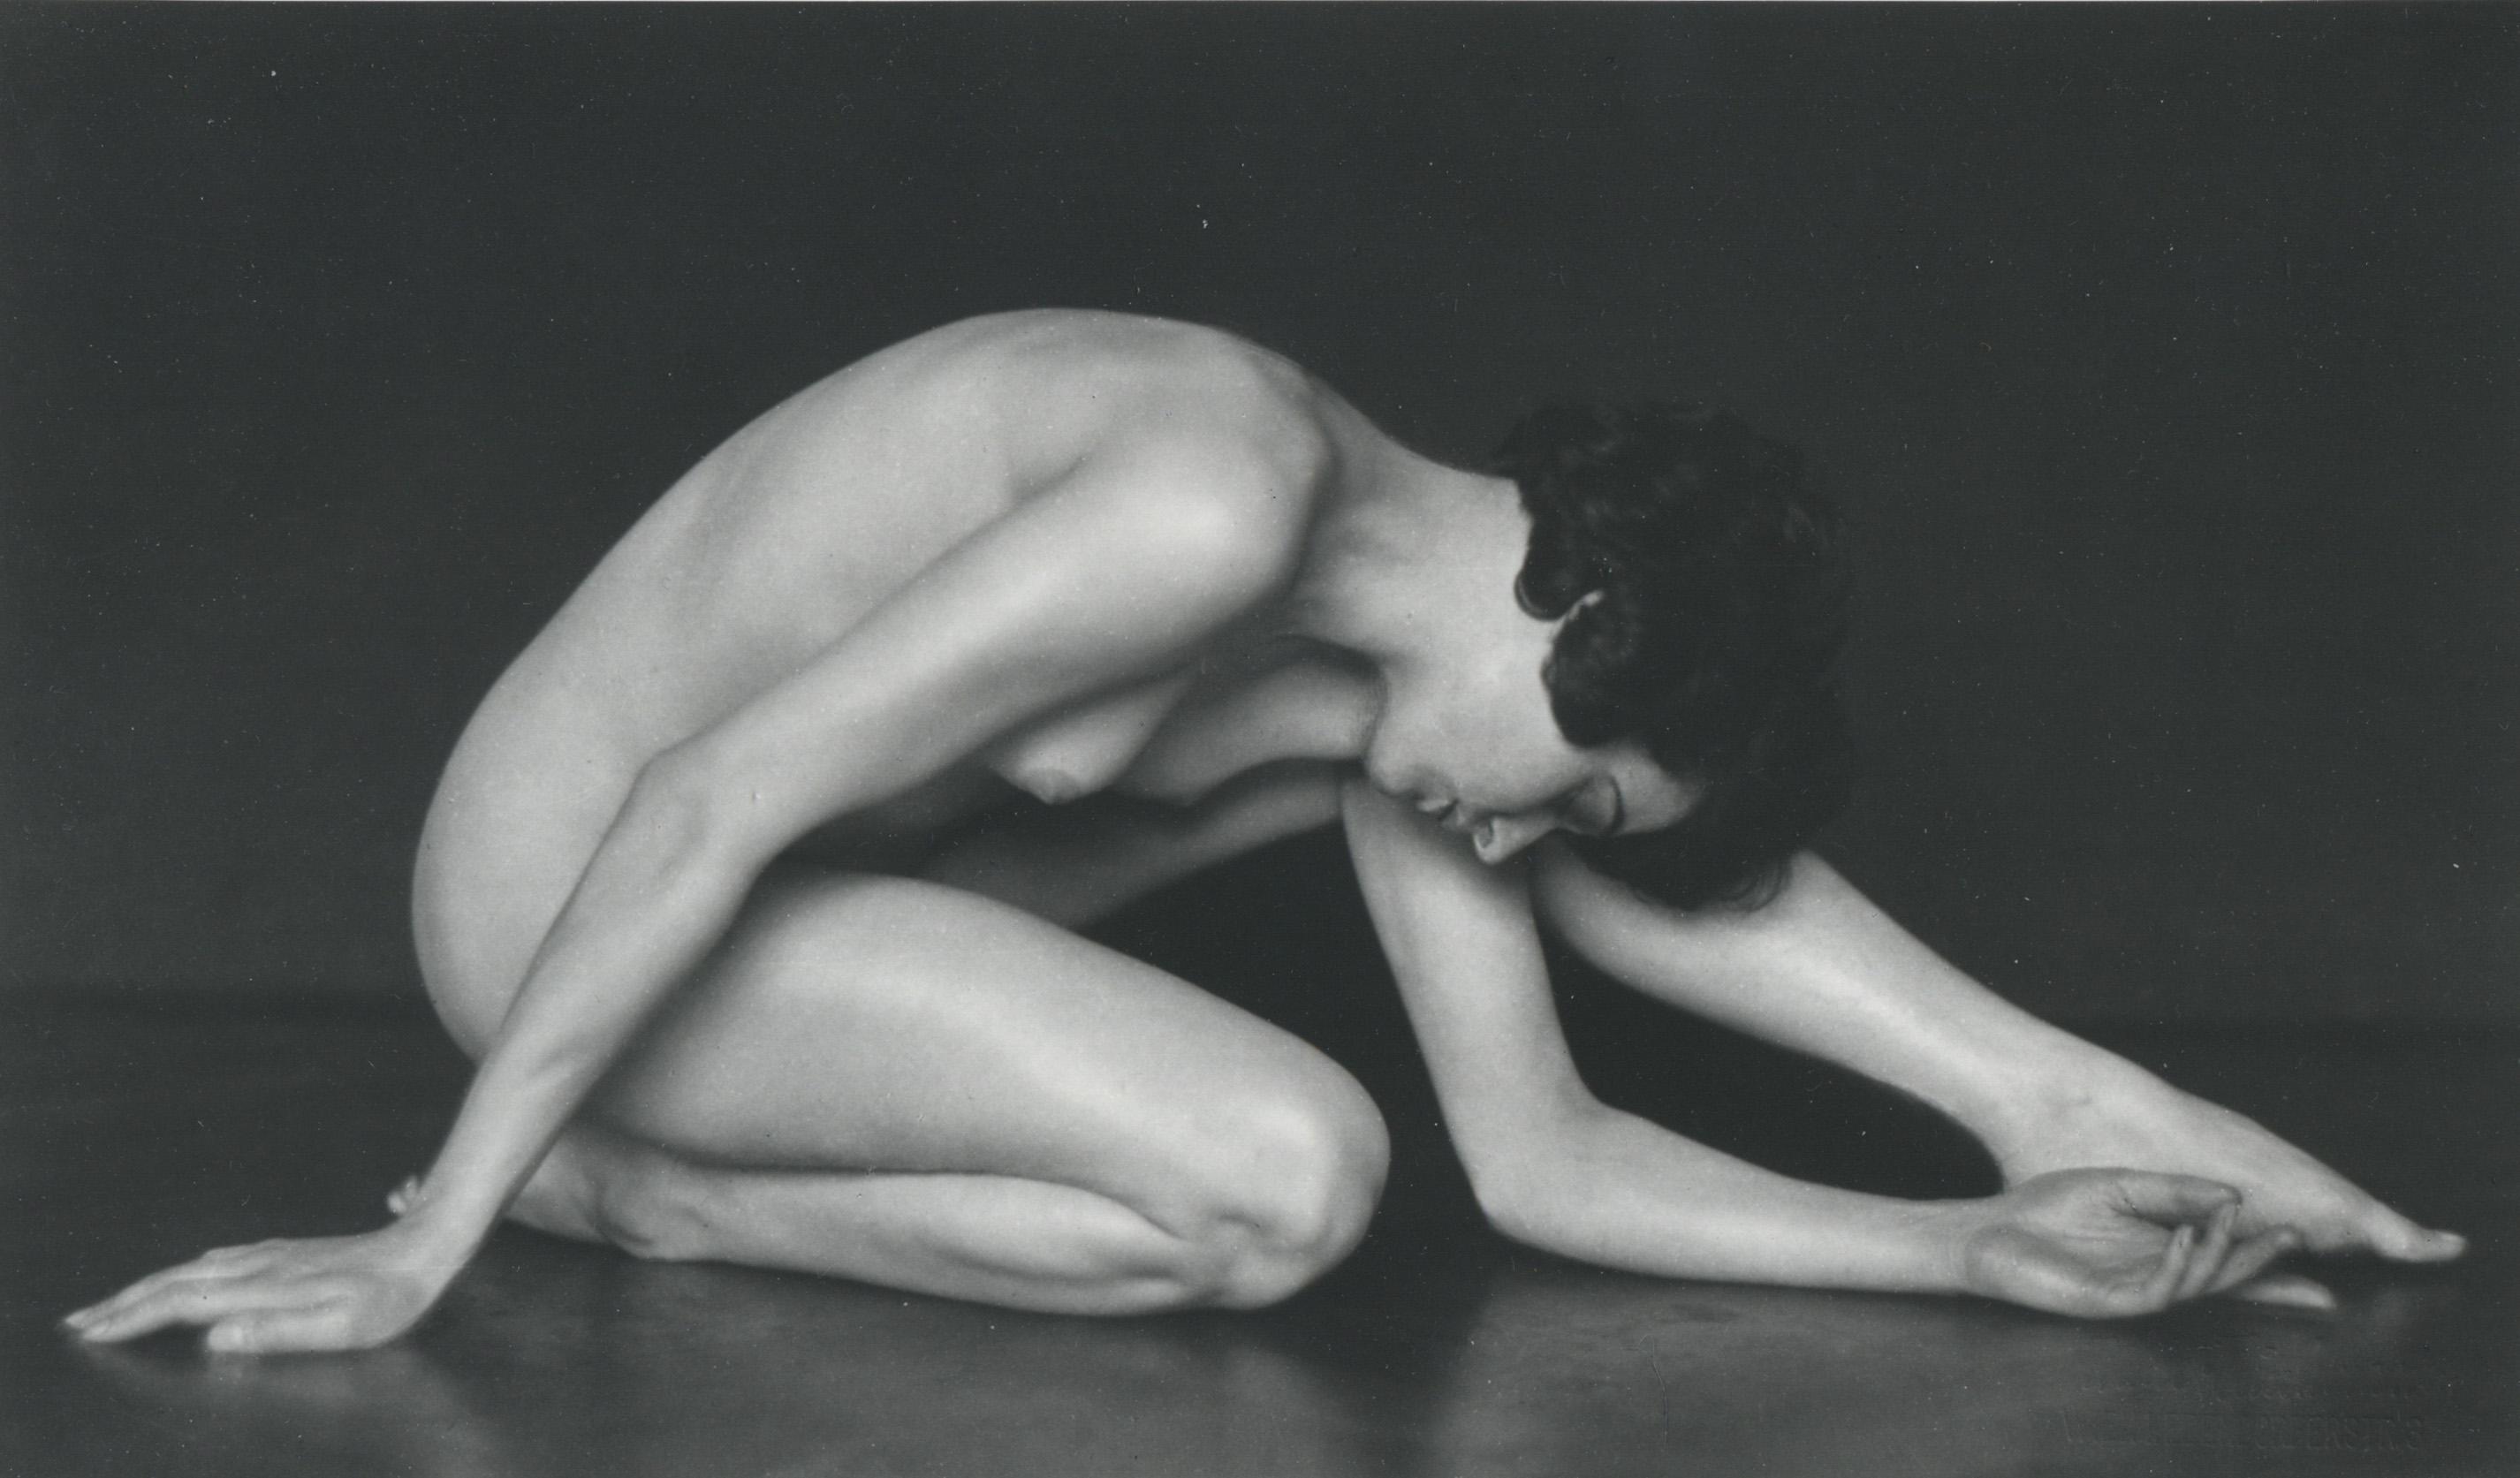 Trude Fleischmann, Claire Bauroff